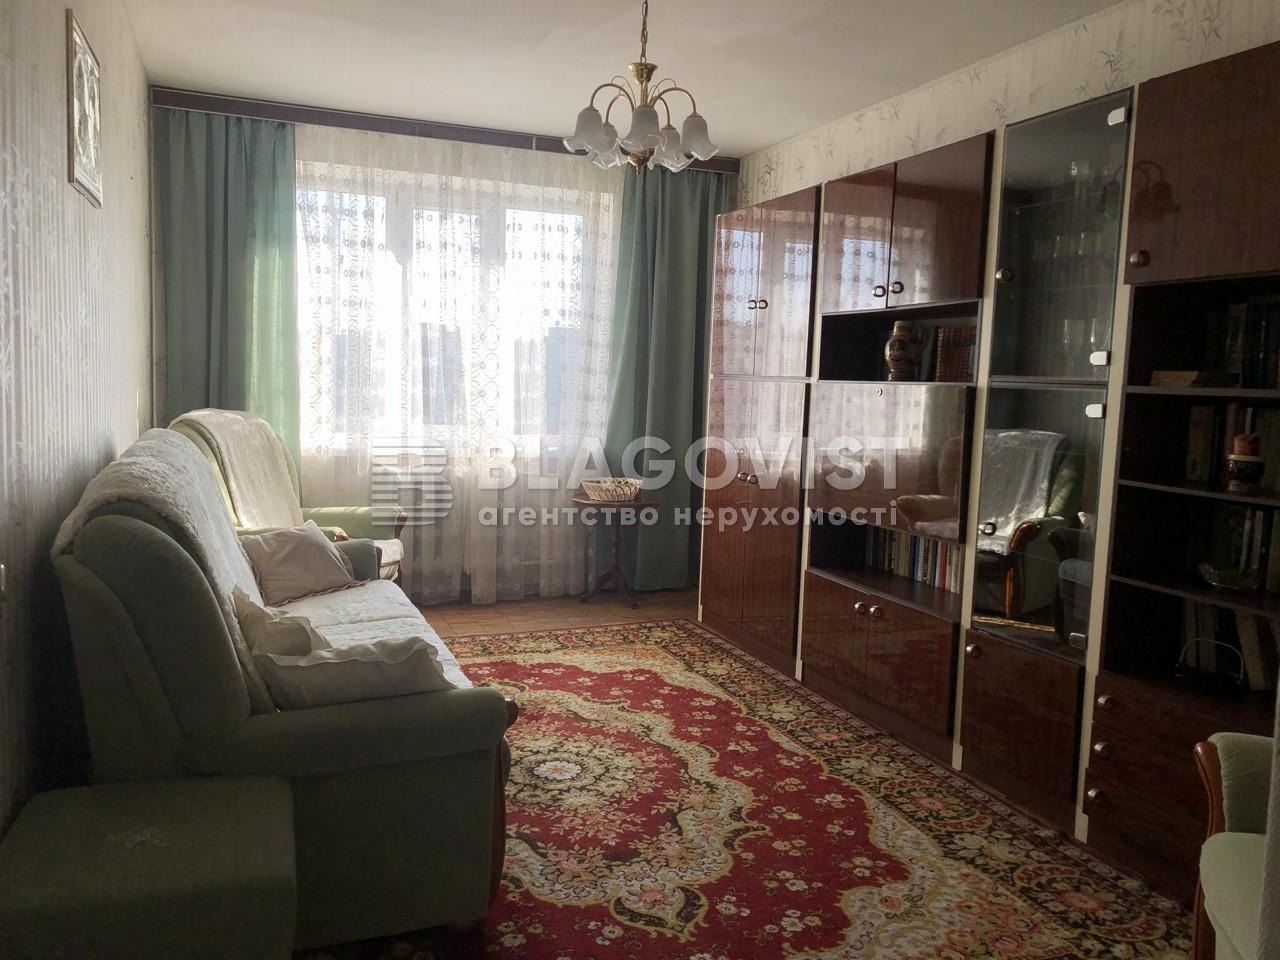 Квартира A-112565, Героев Сталинграда просп., 51, Киев - Фото 5